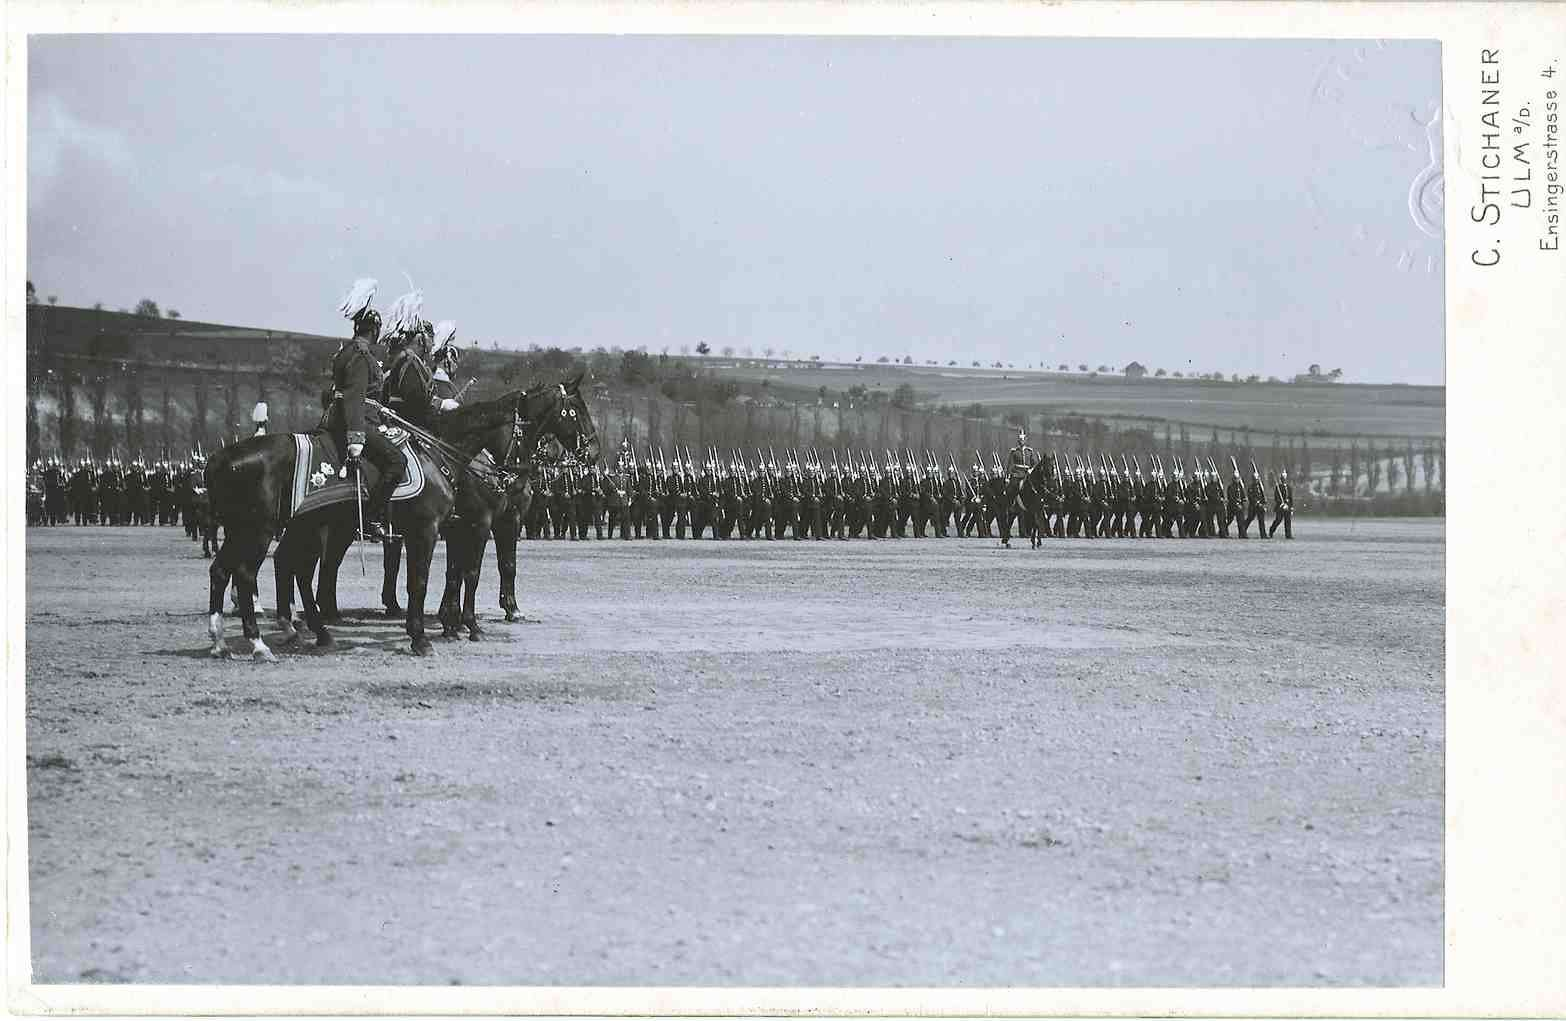 Königsparade, 1. Kompanie des Bataillons in Reihen marschierend vor König Wilhelm II. von Württemberg, Graf Alfred von Waldersee, Generalfeldmarschall und Karl von Reinhardt, Generalmajor, alle drei zu Pferd, Bild 1